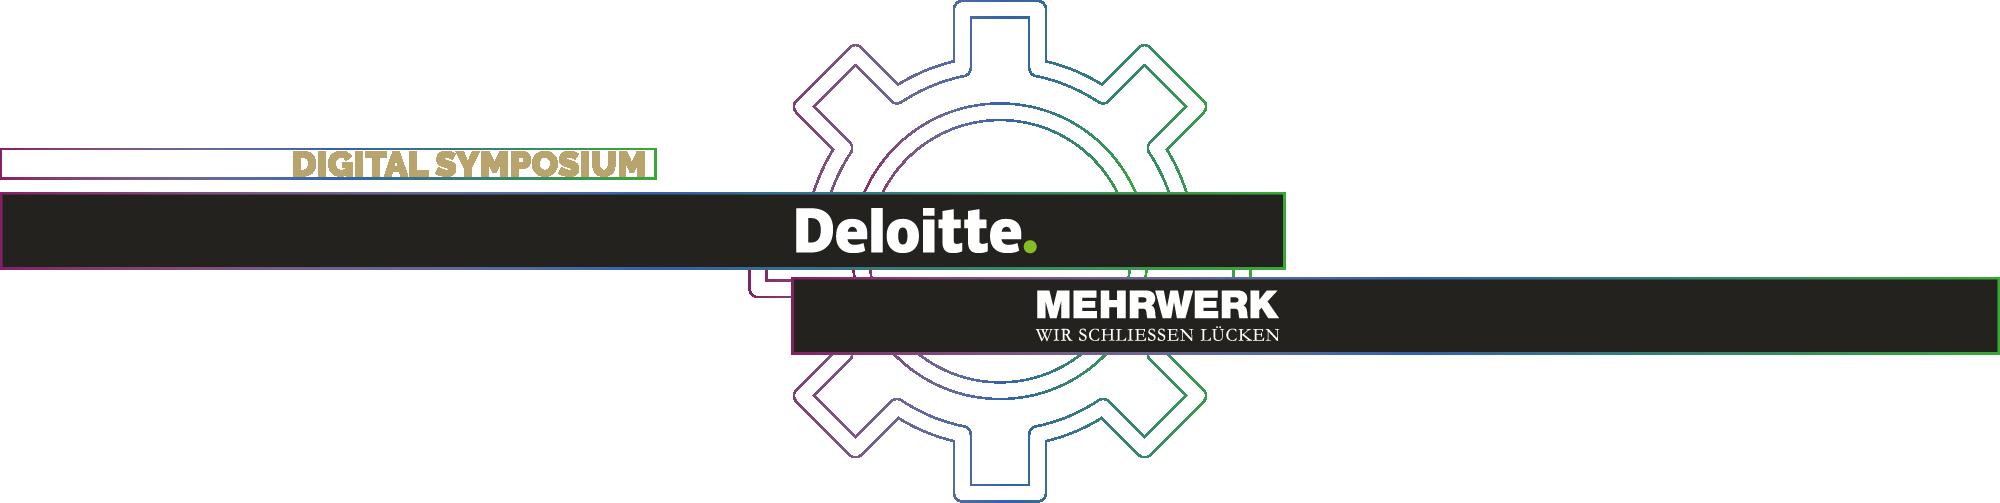 digital-symposium-mehrwerk-deloitte